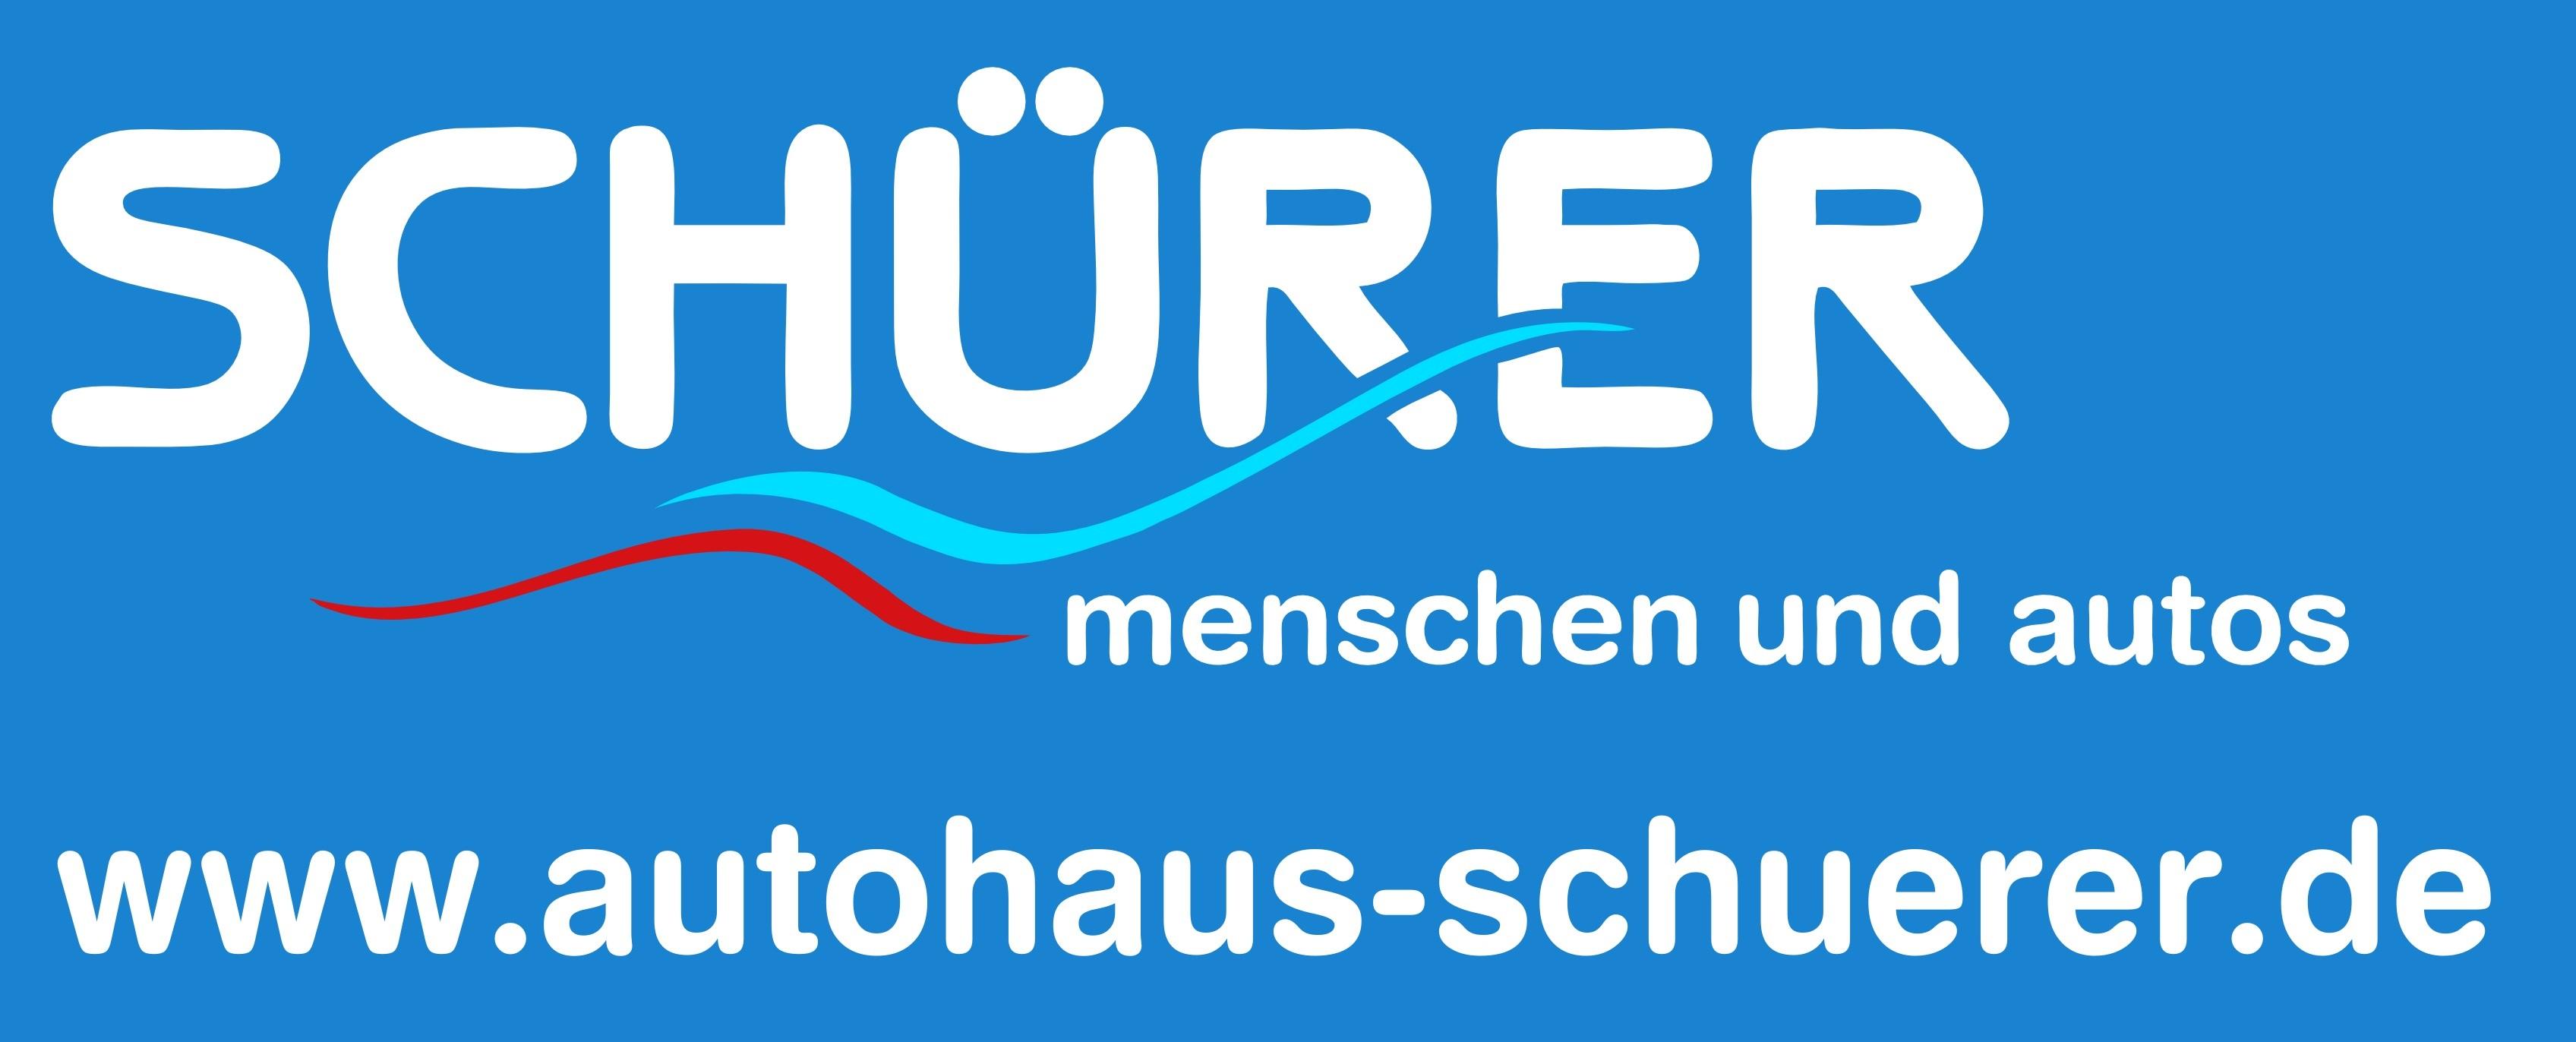 Autohaus Schürer GmbH & Co. KG., Dießen am Ammersee